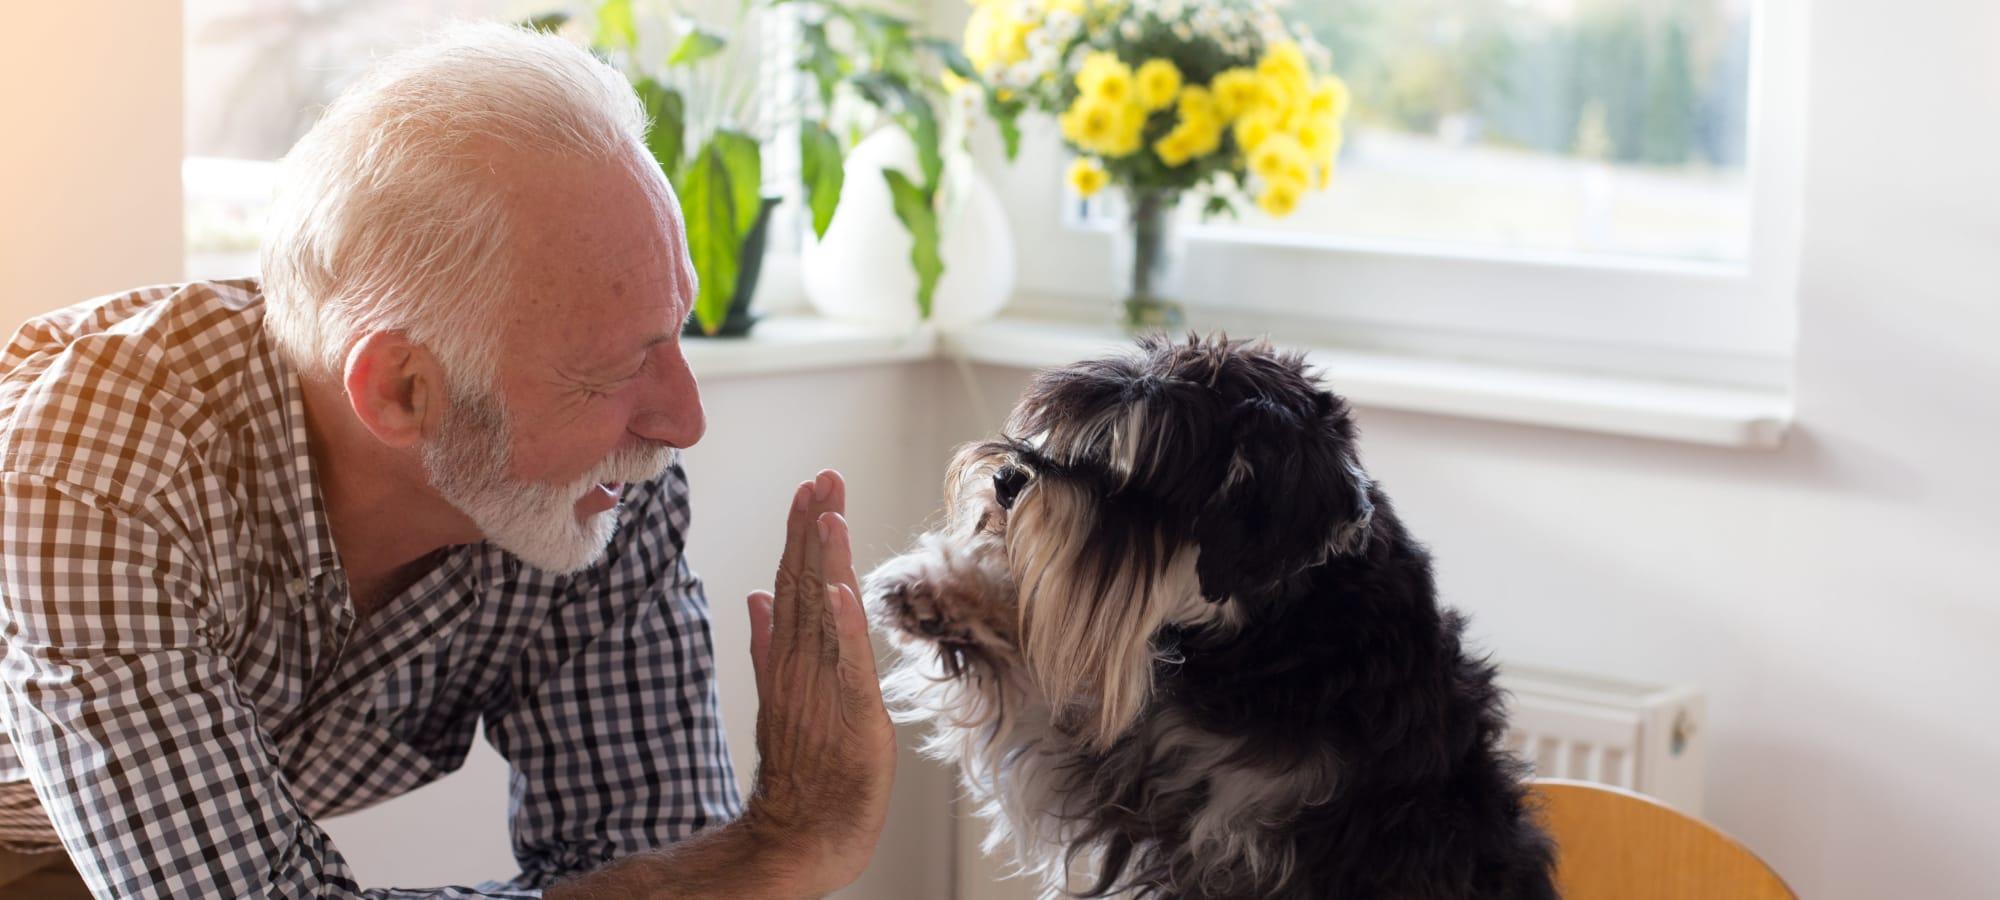 在马里兰州贝塞斯达的Meridian老年生活中心188金宝搏手机登录网址金博app188金宝慱图片